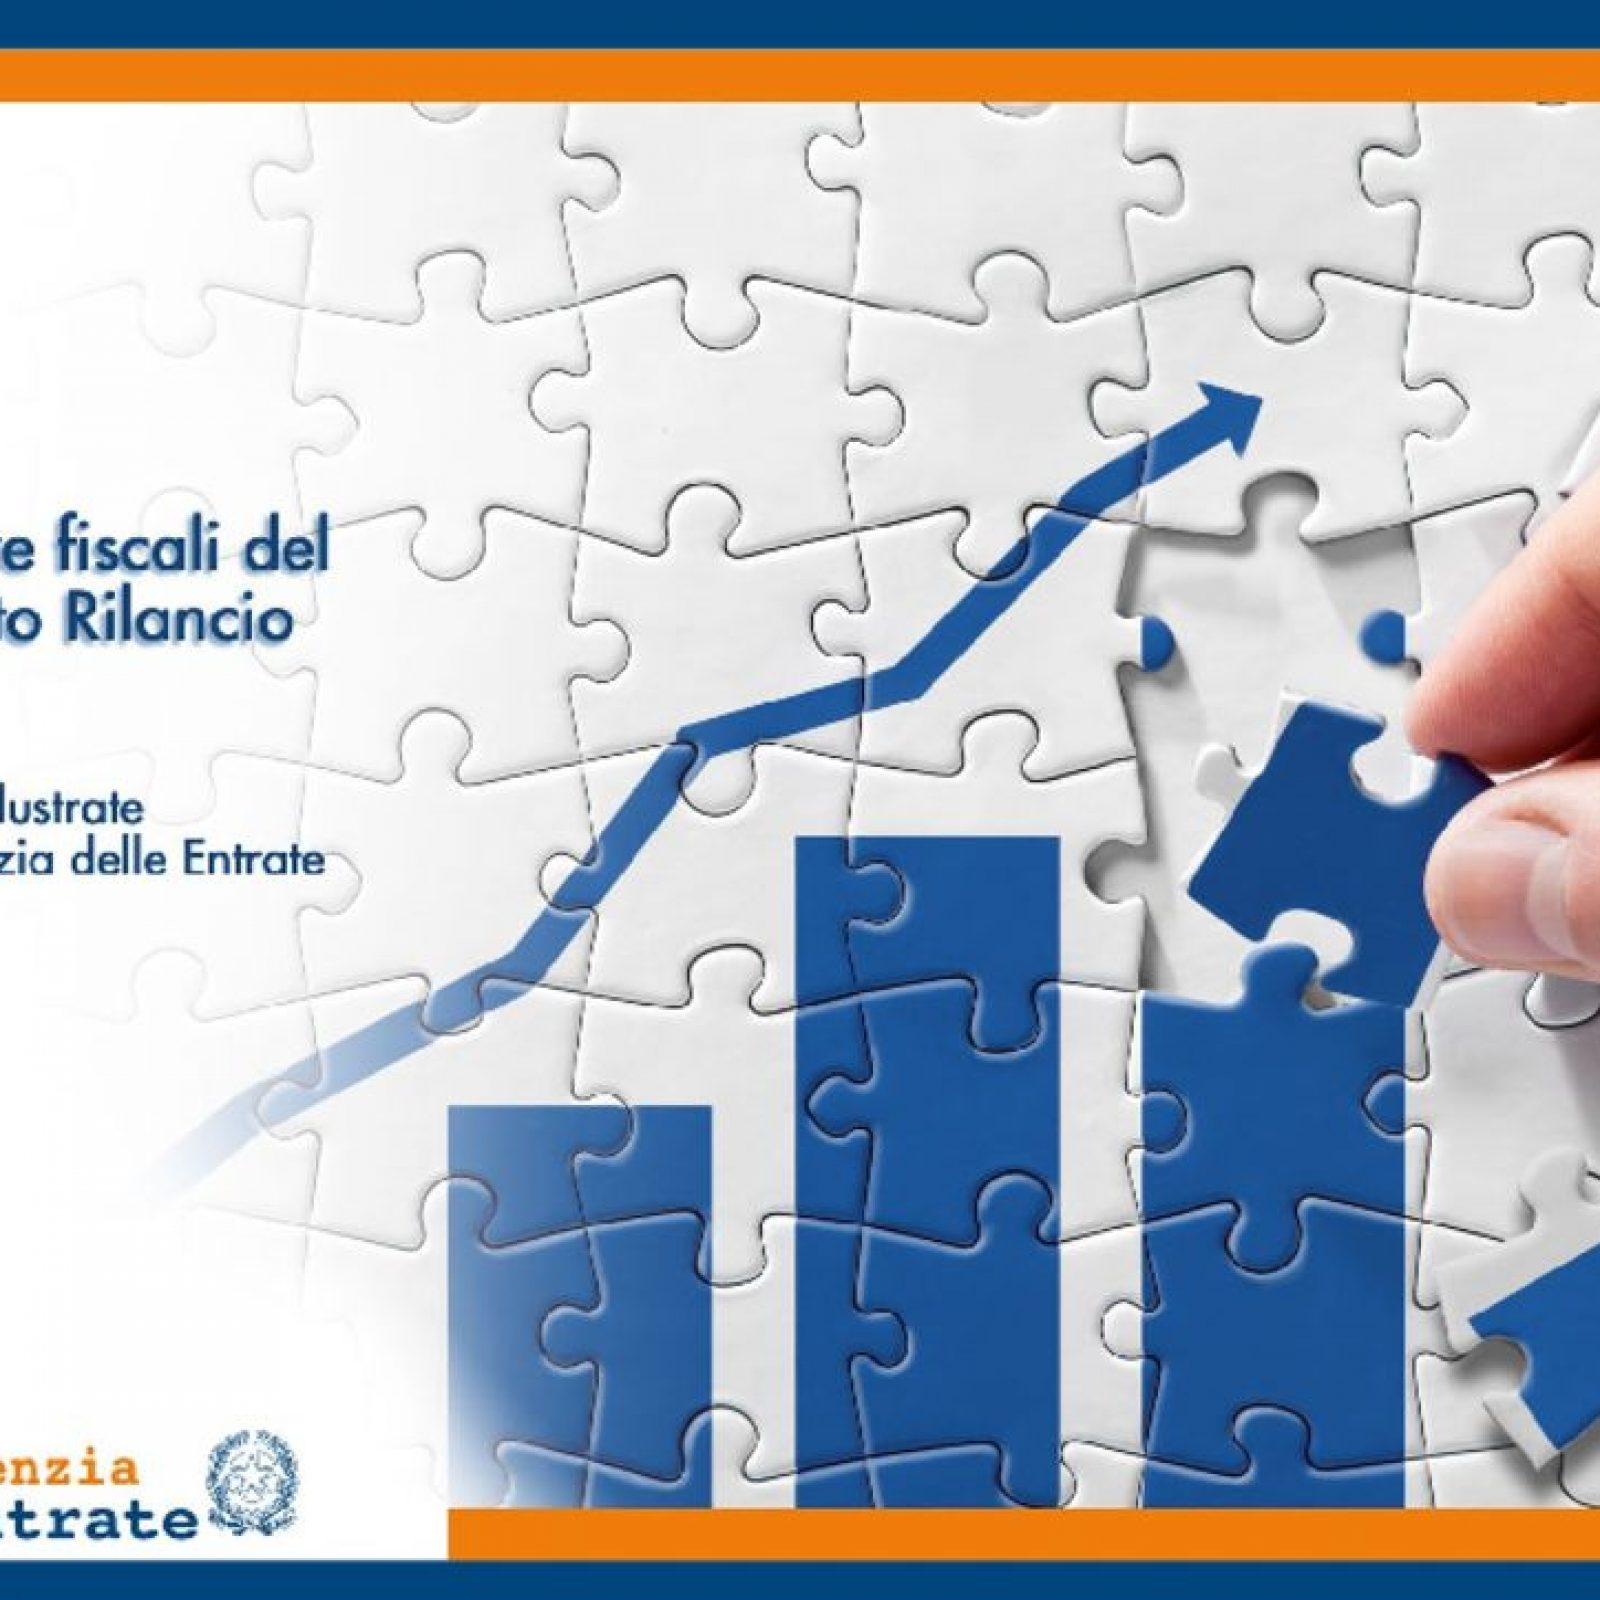 Le misure fiscali del decreto rilancio nelle slide dell'Agenzia delle Entrate